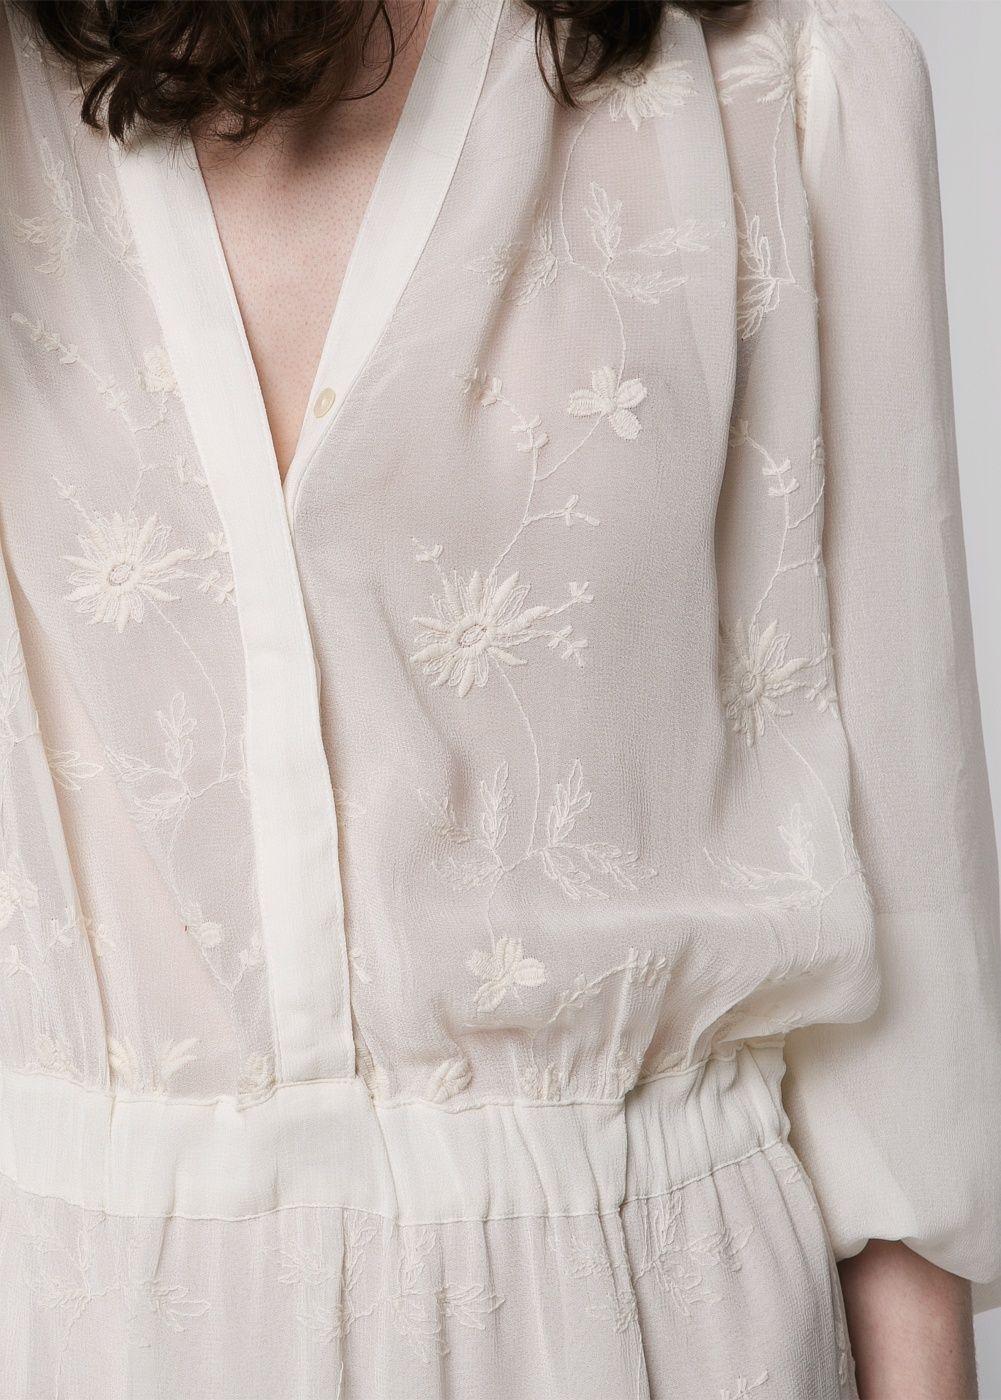 Kleid mit blumenstickerei - Damen  Mango Deutschland  Fashion